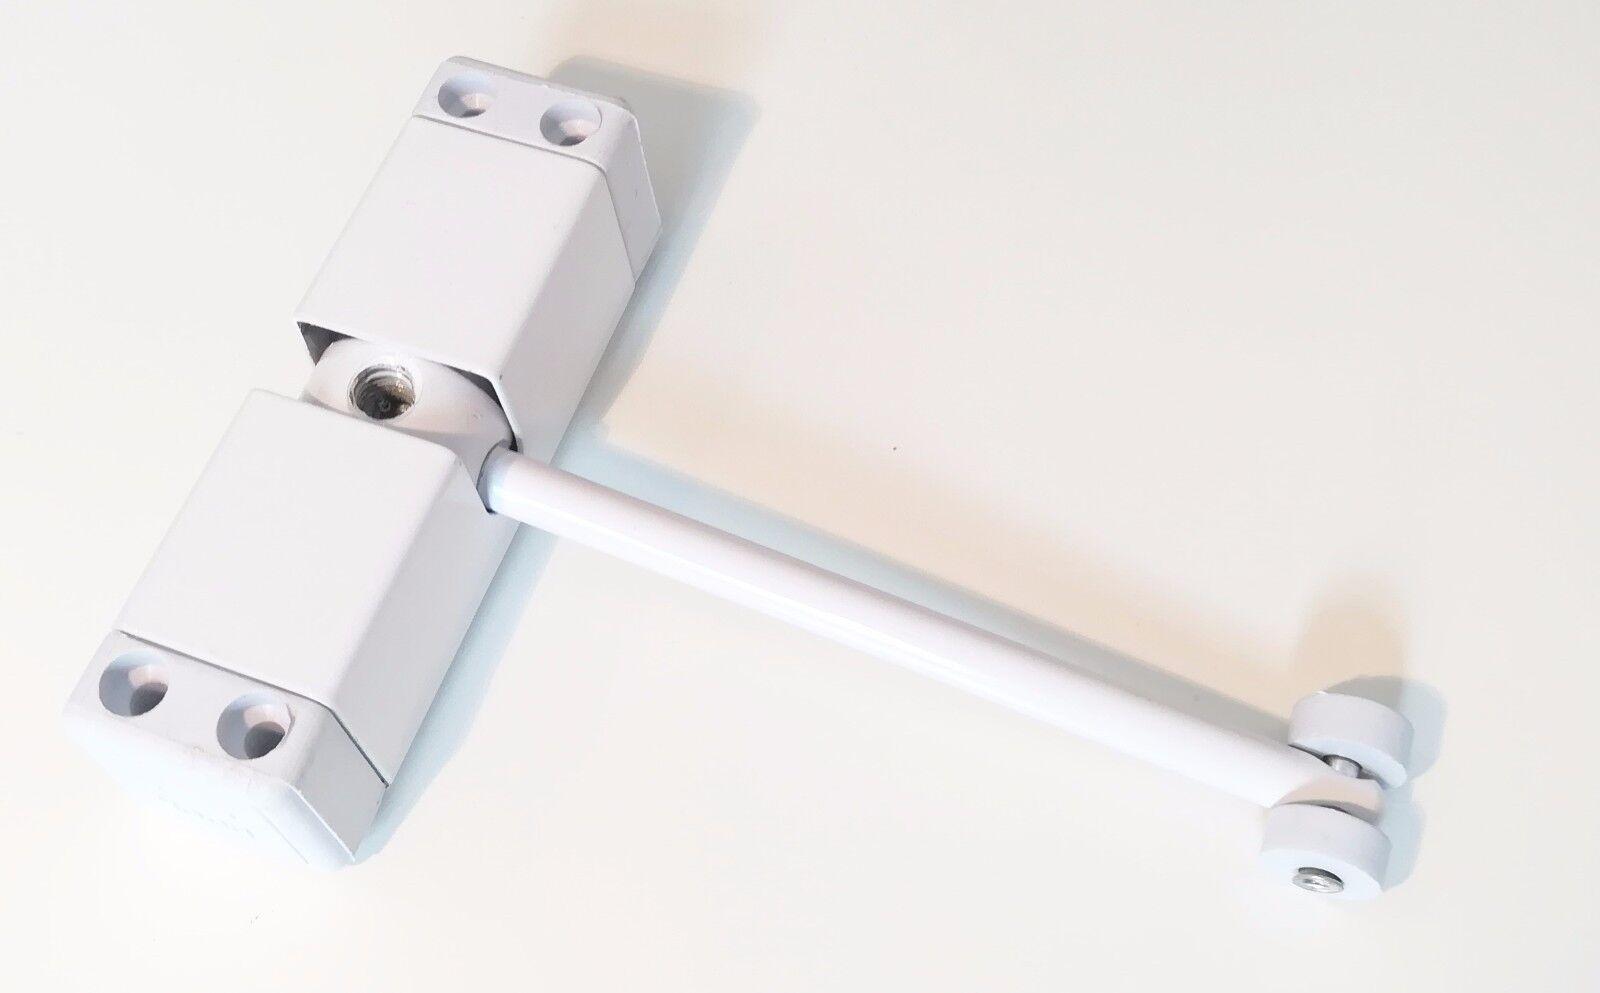 10 x Türschließer Stangentürschließer Türfeder Federschließer in weiß  | Flagship-Store  |   | Erste Qualität  | Wirtschaftlich und praktisch